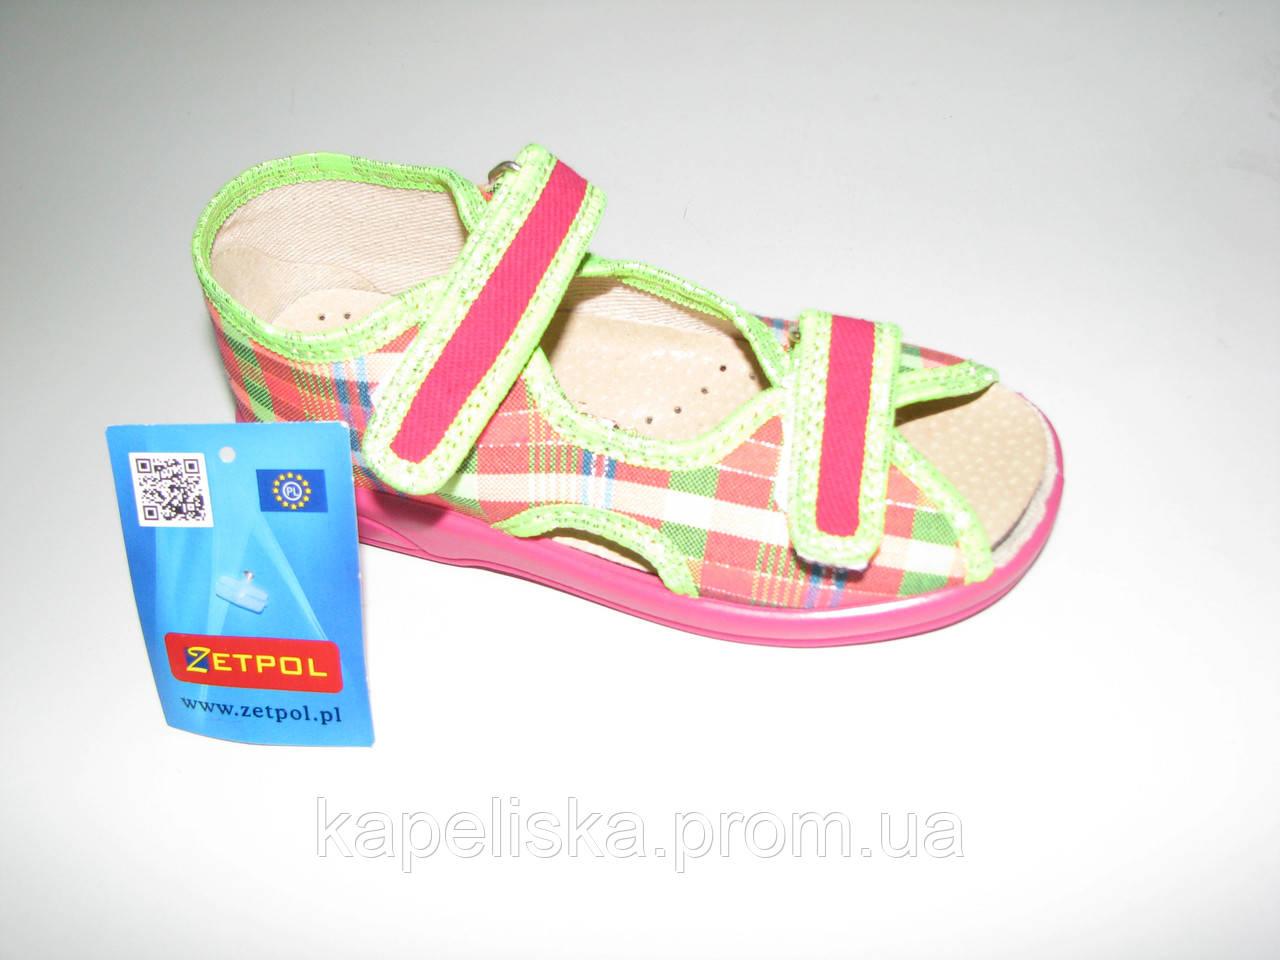 Zetpol тапочки для девочки, босоножки , босоніжки для дівчинки